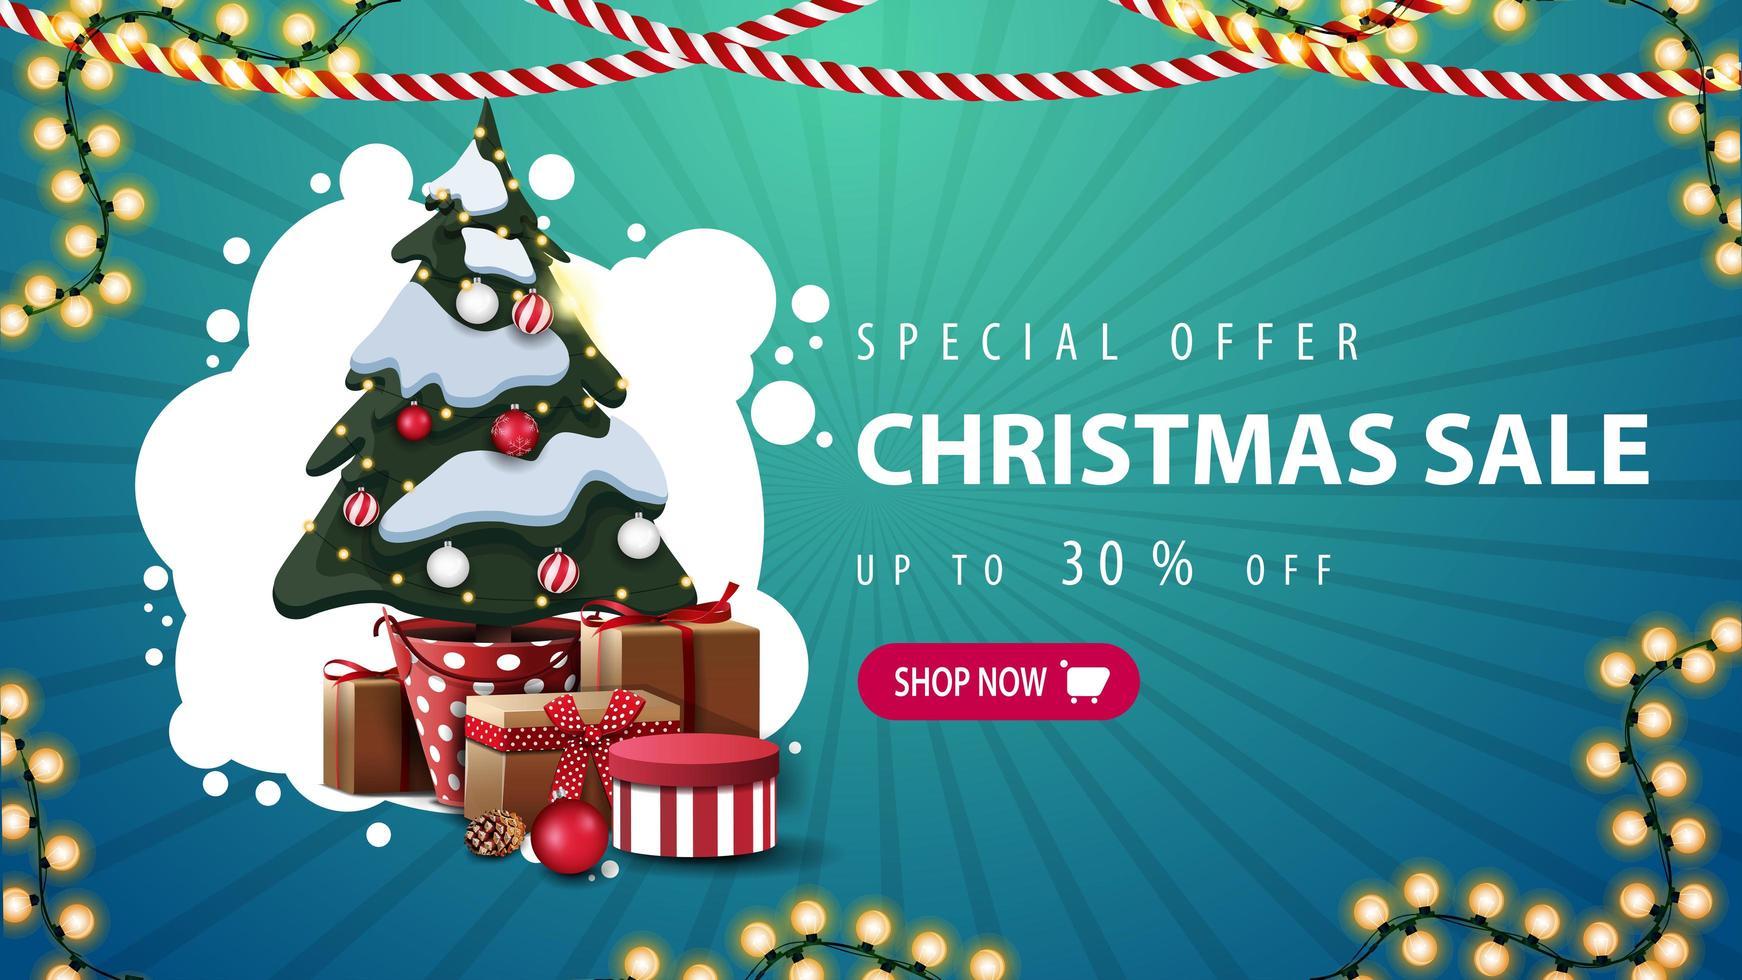 offre spéciale, vente de Noël, jusqu'à 30 rabais, bannière de réduction bleue avec nuage abstrait blanc, guirlandes, bouton et arbre de Noël dans un pot avec des cadeaux vecteur